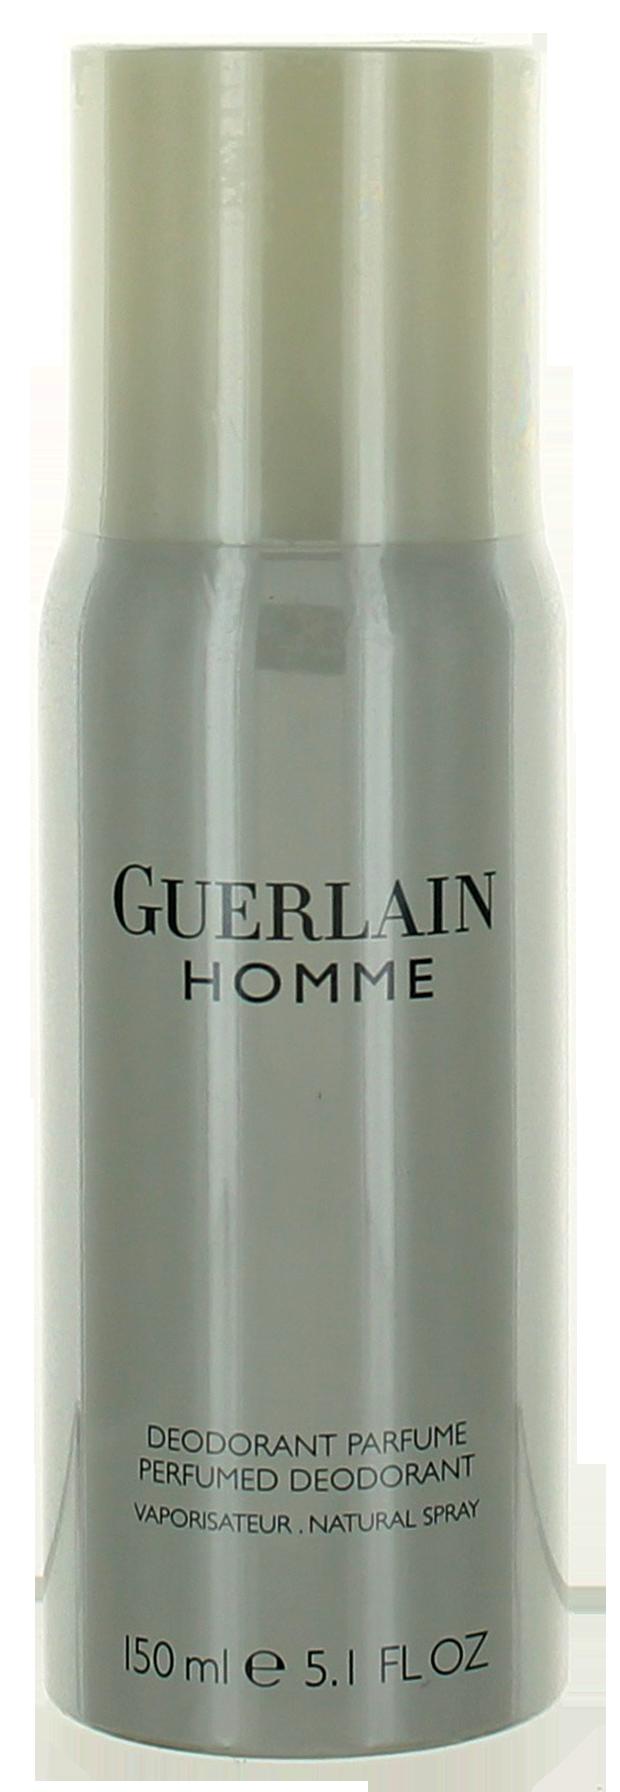 Guerlain Homme (M) Deodorant Spray 5.1oz